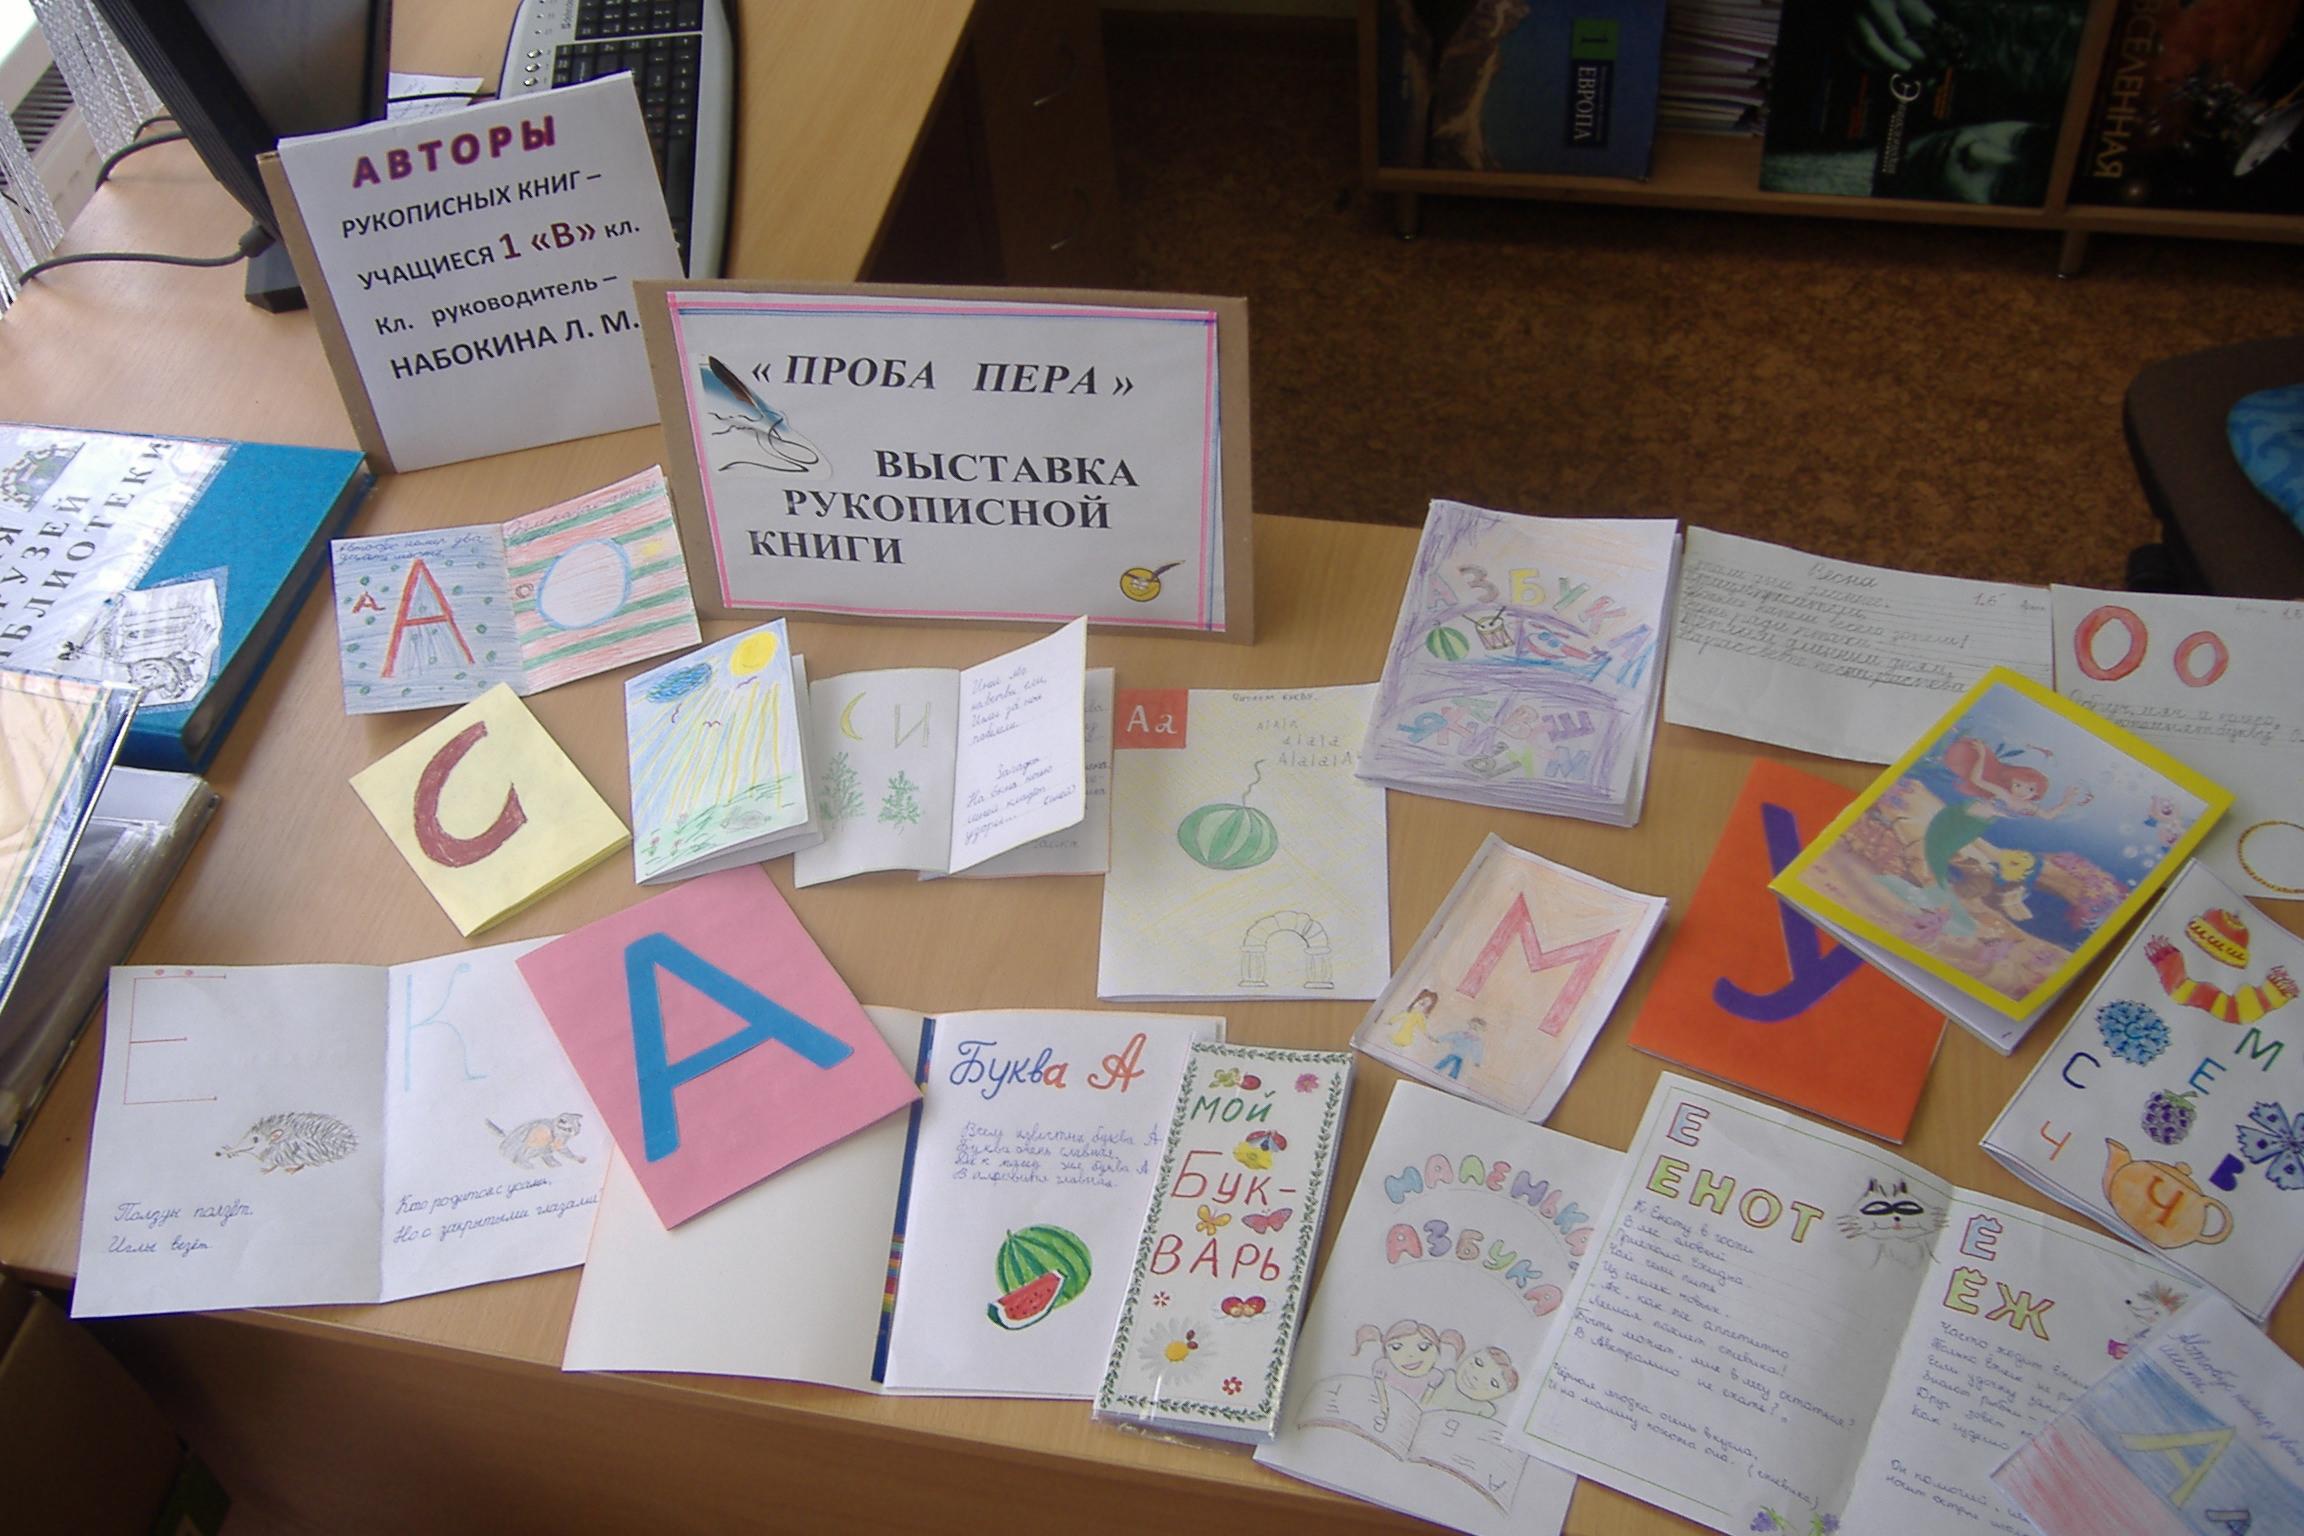 Благодарность за подаренные книги в школьную библиотеку в Острогожске,Орлике,Нижних Сергах